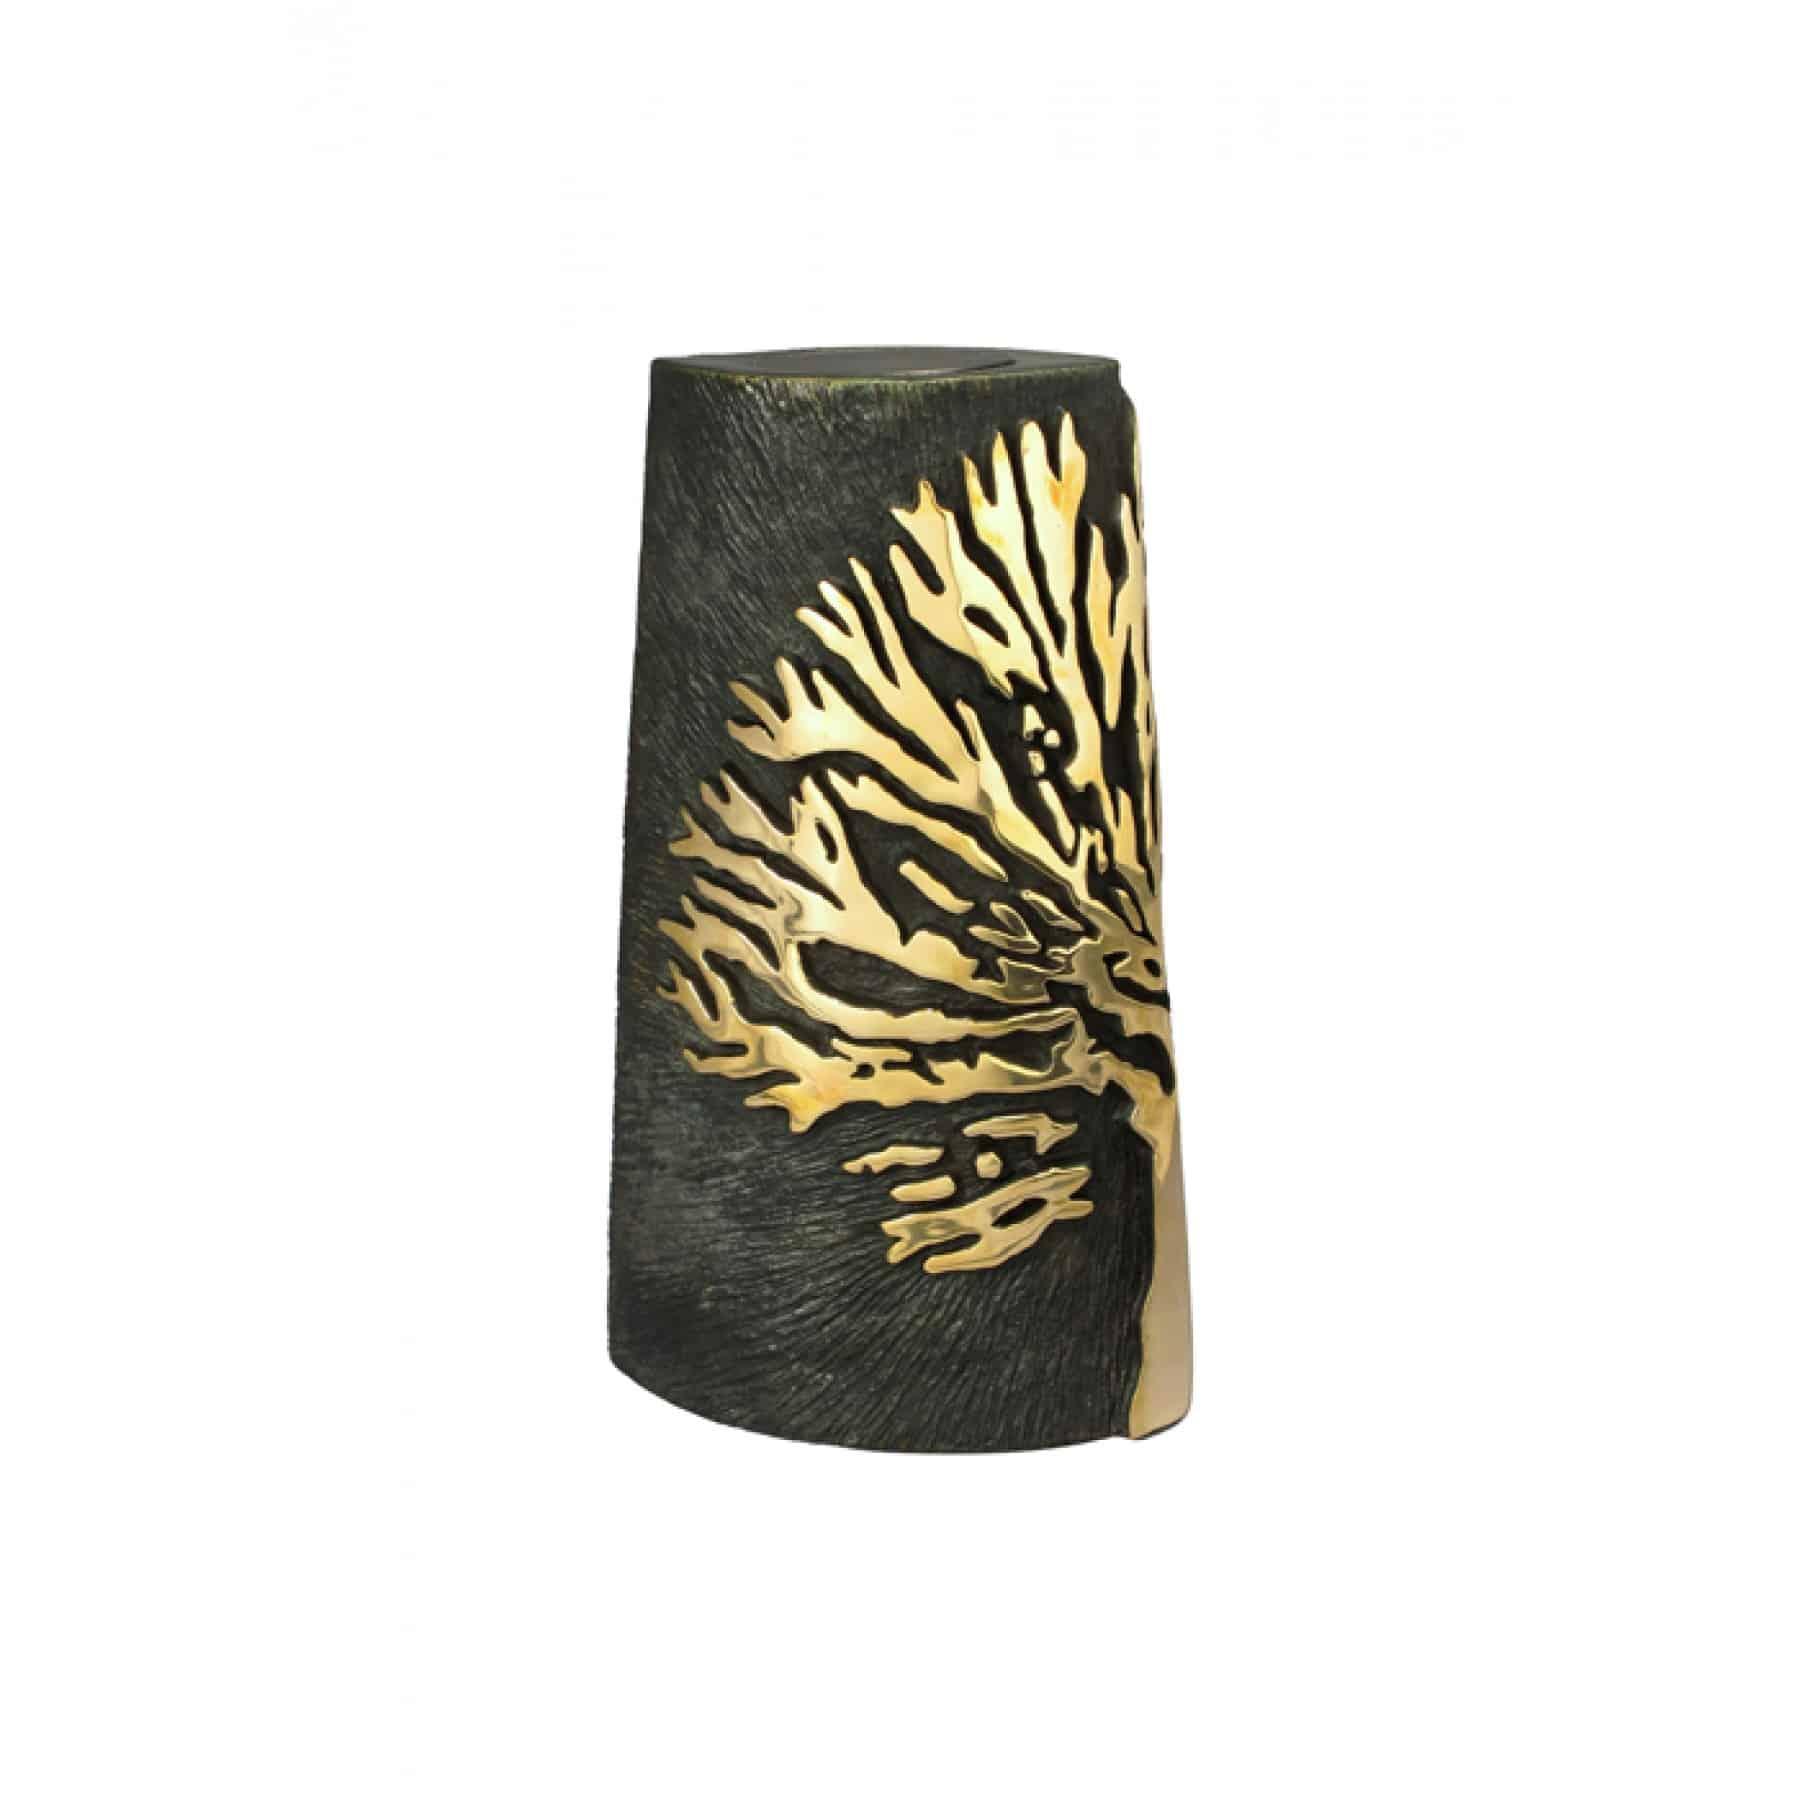 bronzen_urnen_cremation_ashes_urns_urnes_fun_raires_en_bronze_urnas_cinerarias_bronce_urnor_2000249